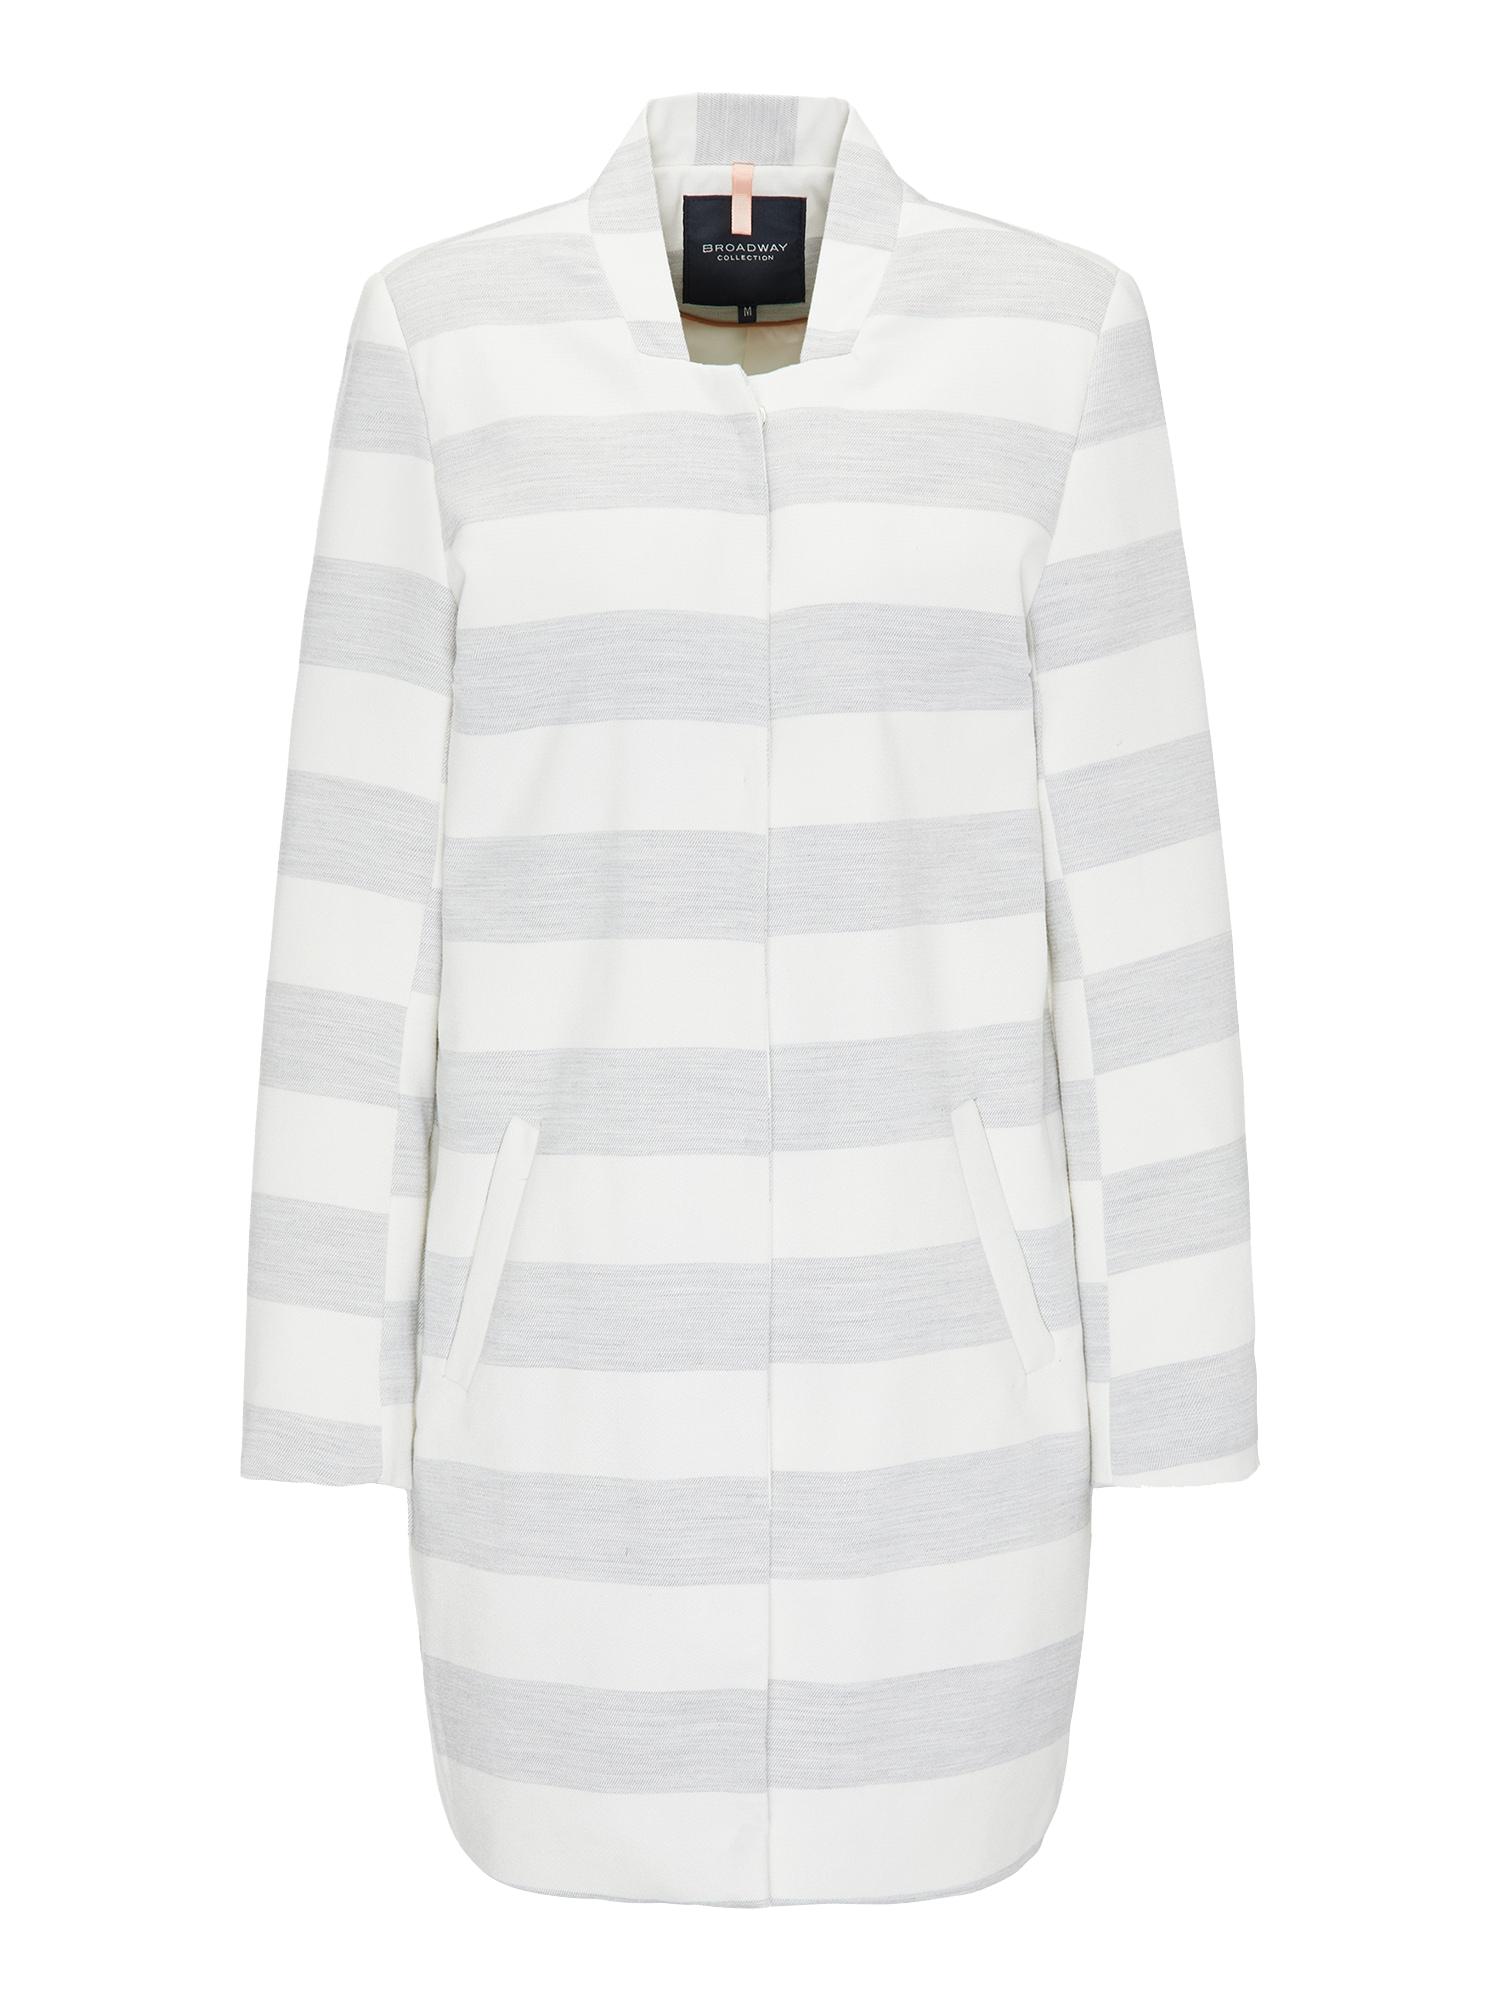 Přechodný kabát COAT NUALA světle šedá bílá BROADWAY NYC FASHION